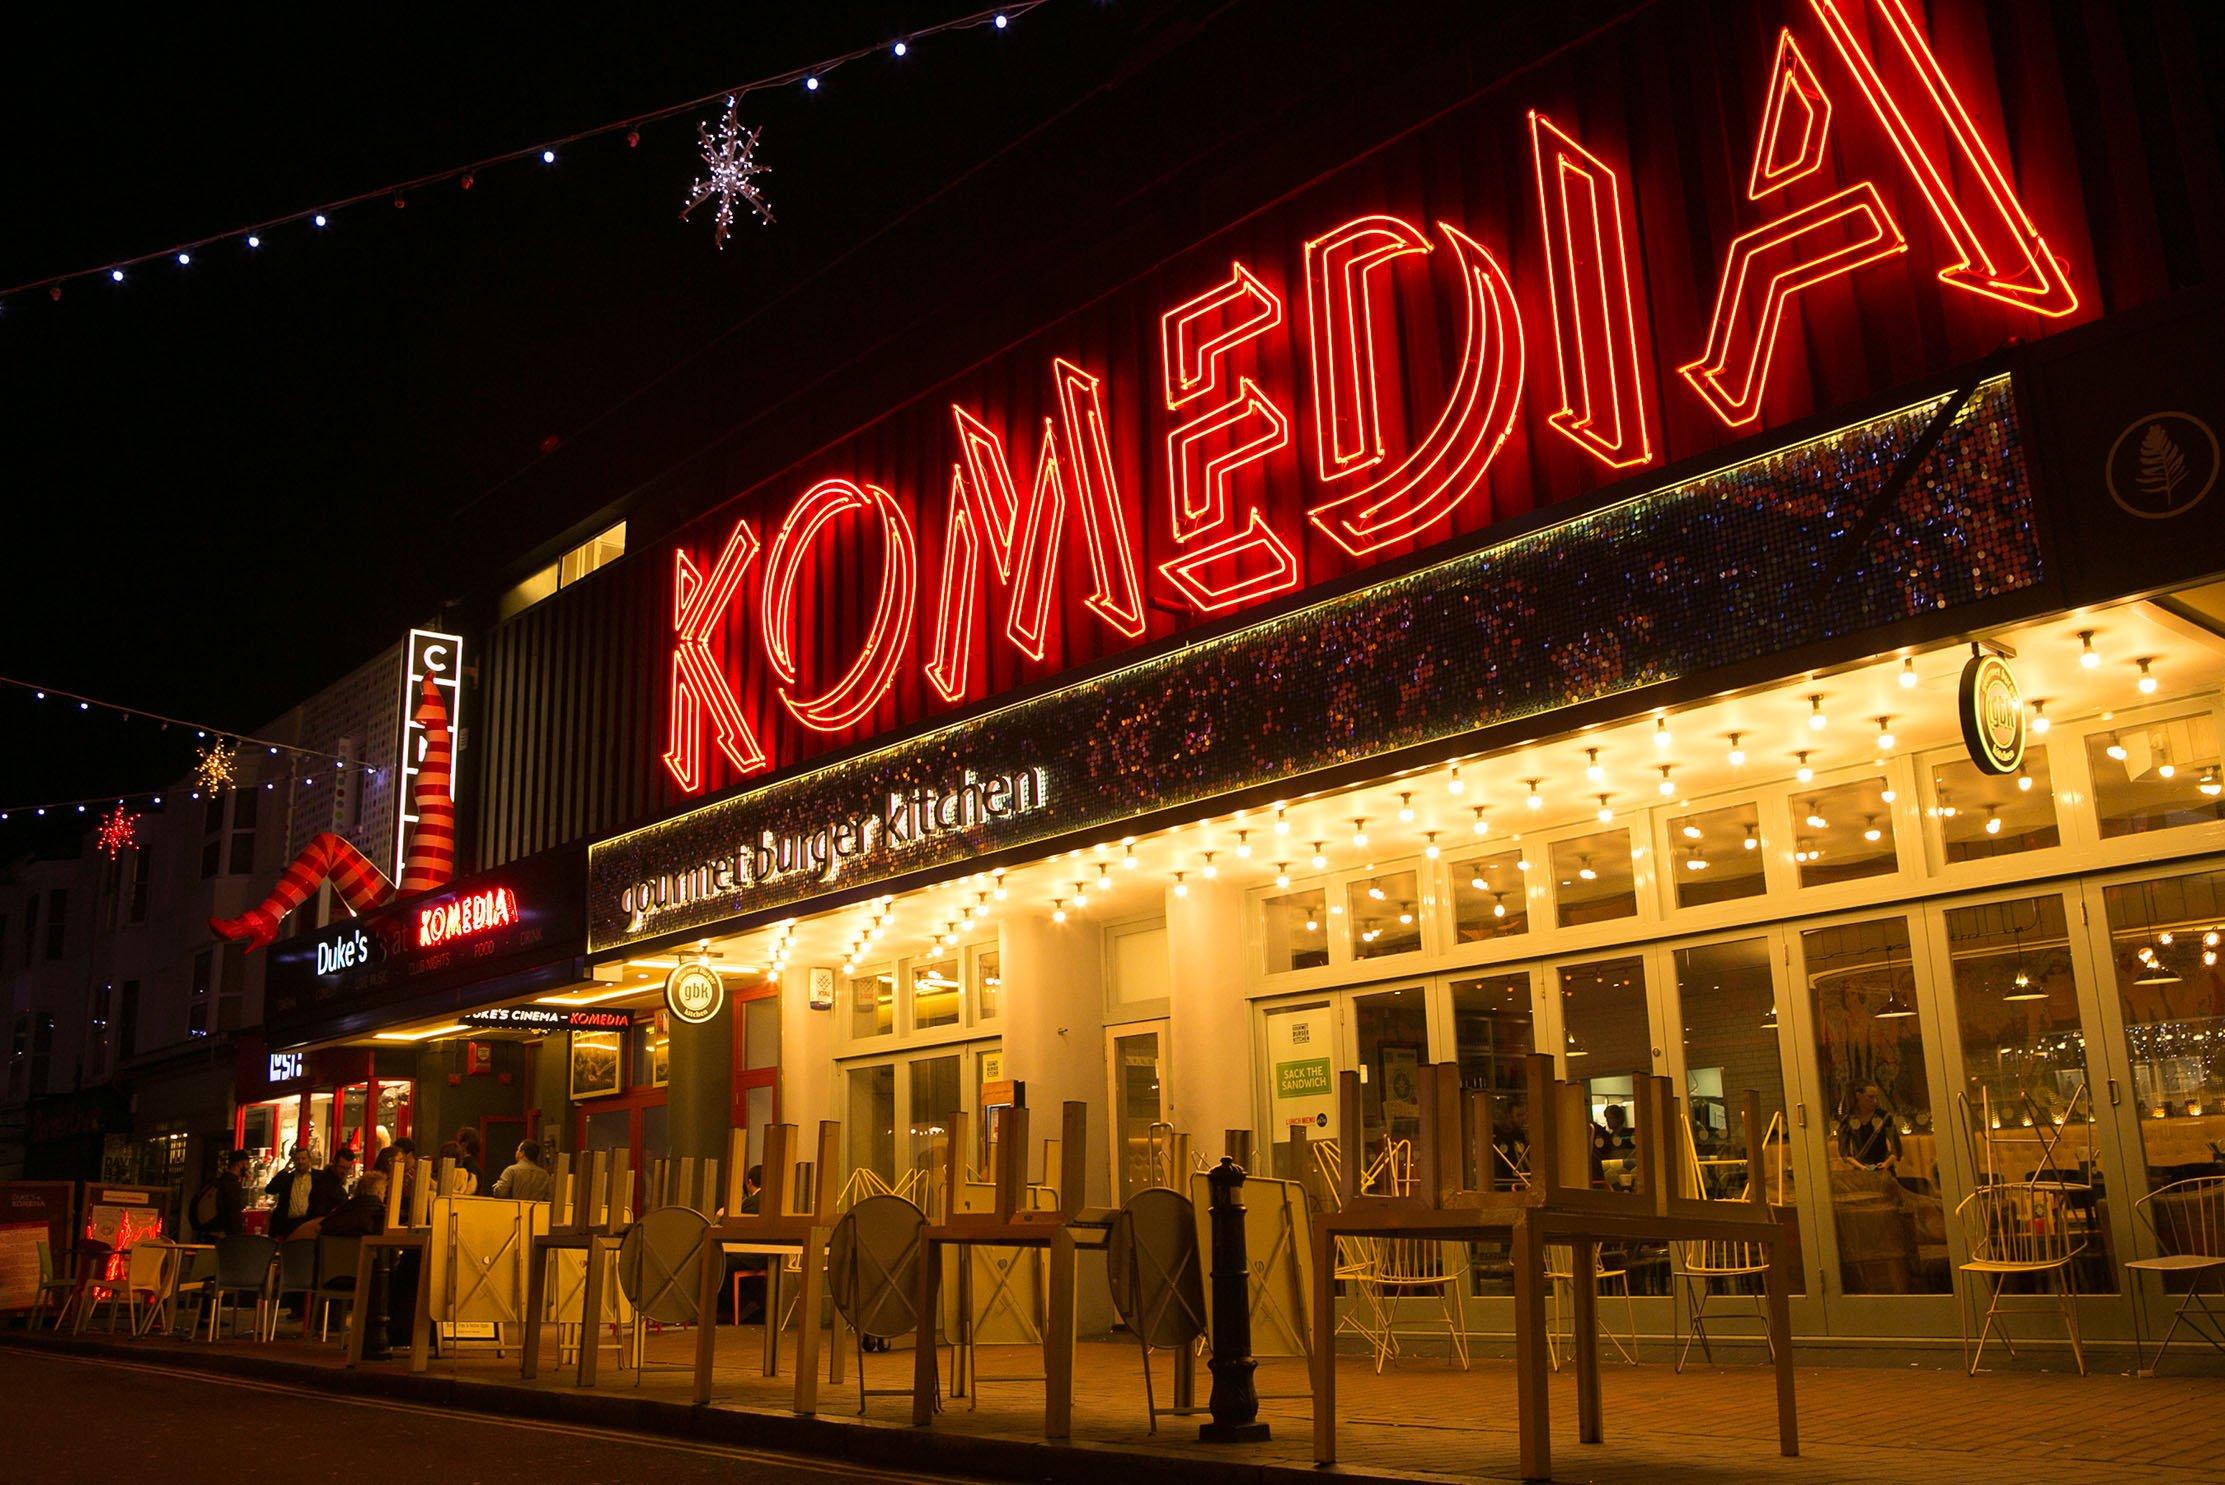 25 Years Of Komedia - by Matthew Andrews